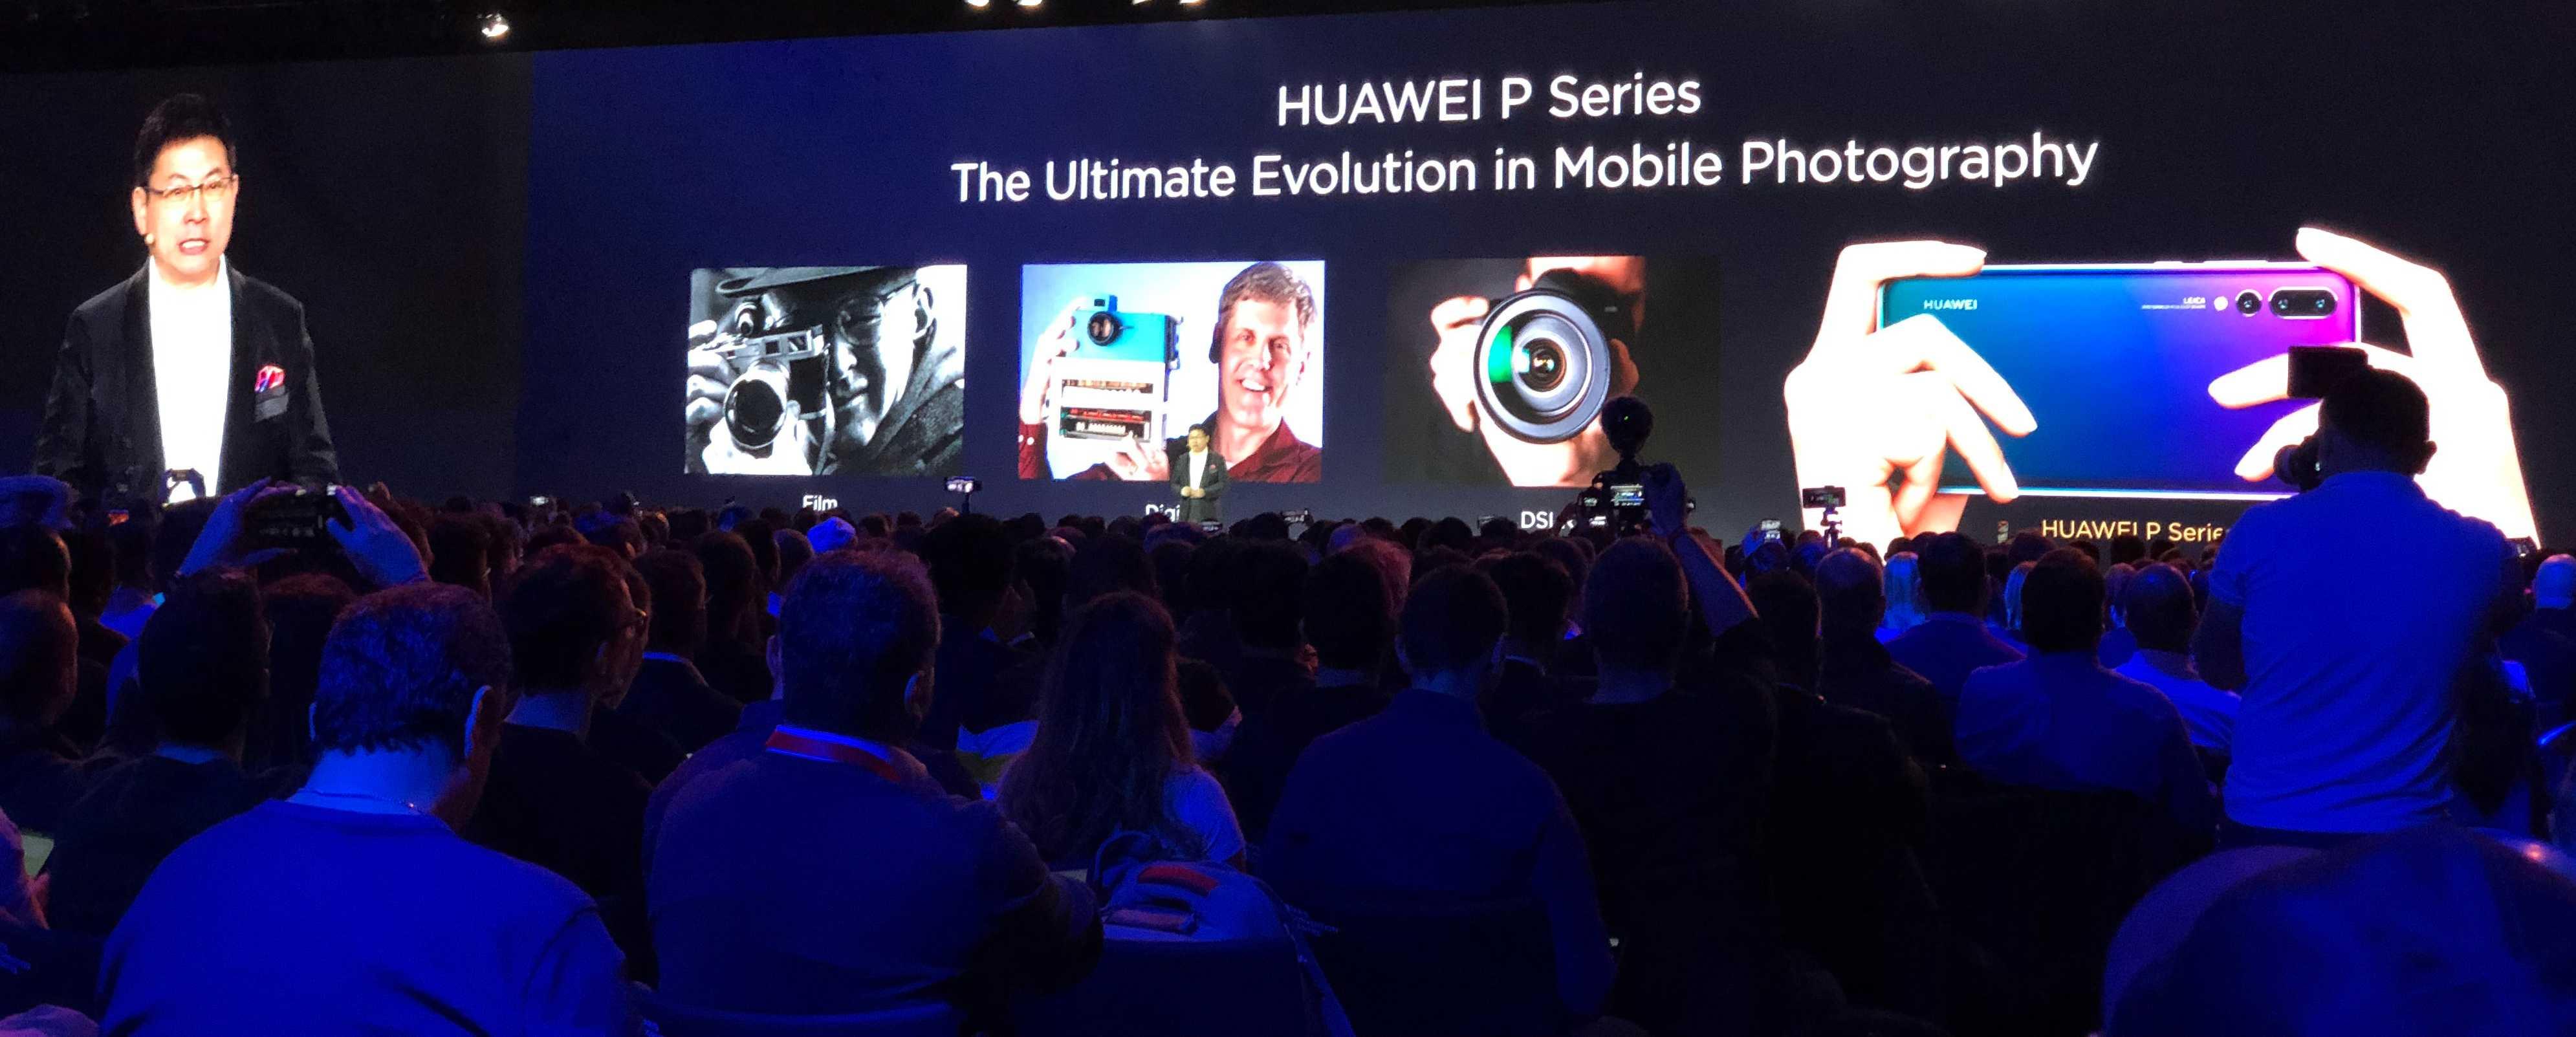 Китайцы удивили на презентации huawei p30 pro. его навороты — это миф или реальность?